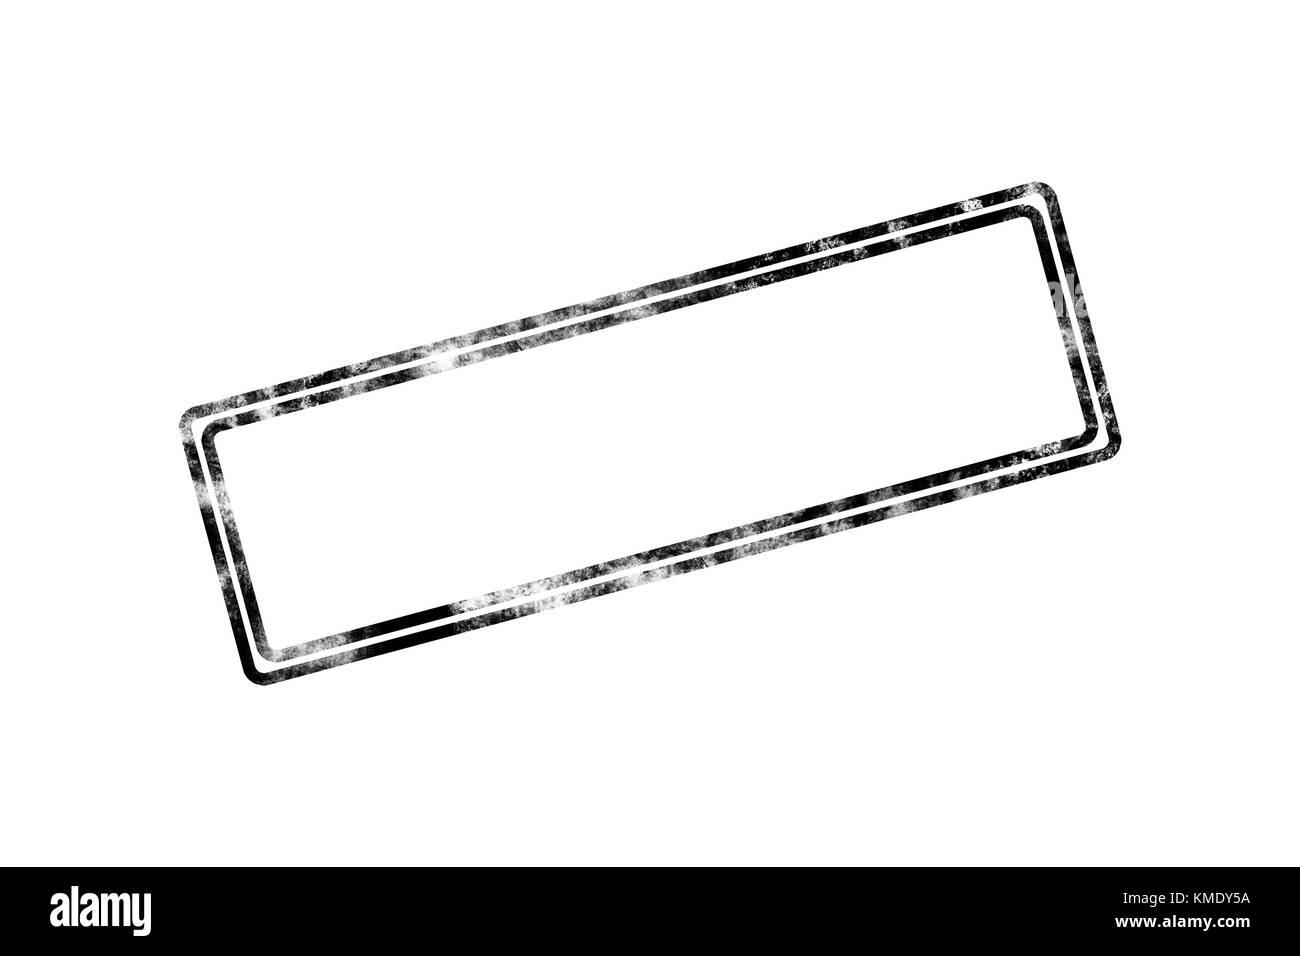 illustrative leer leer stempel mit schwarzer rahmen rand auf wei em hintergrund stockfoto bild. Black Bedroom Furniture Sets. Home Design Ideas